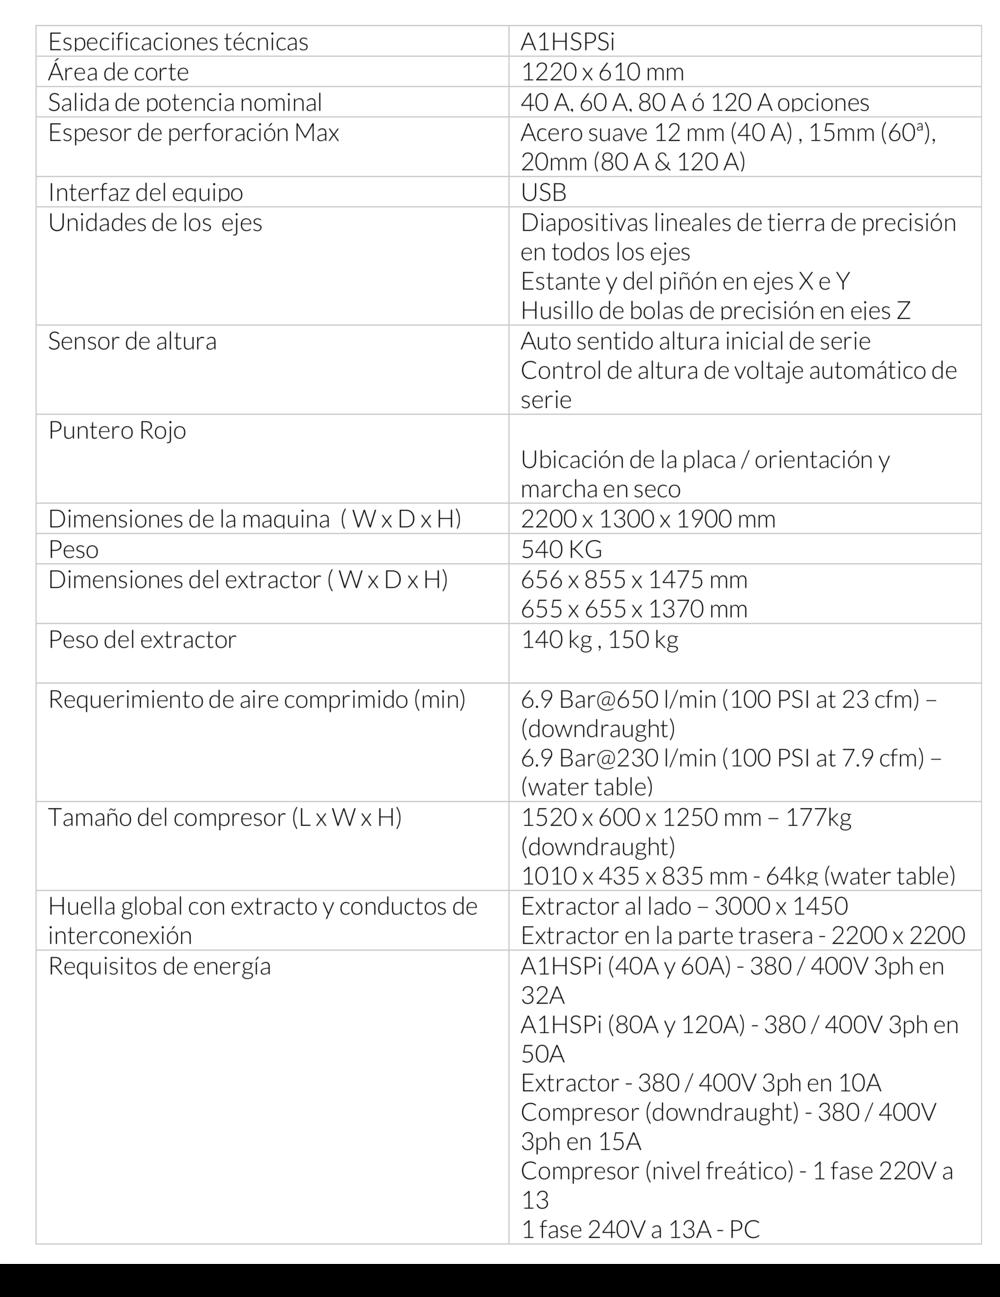 cuadro_boxford_español_cnc_corte_plasma_1.png